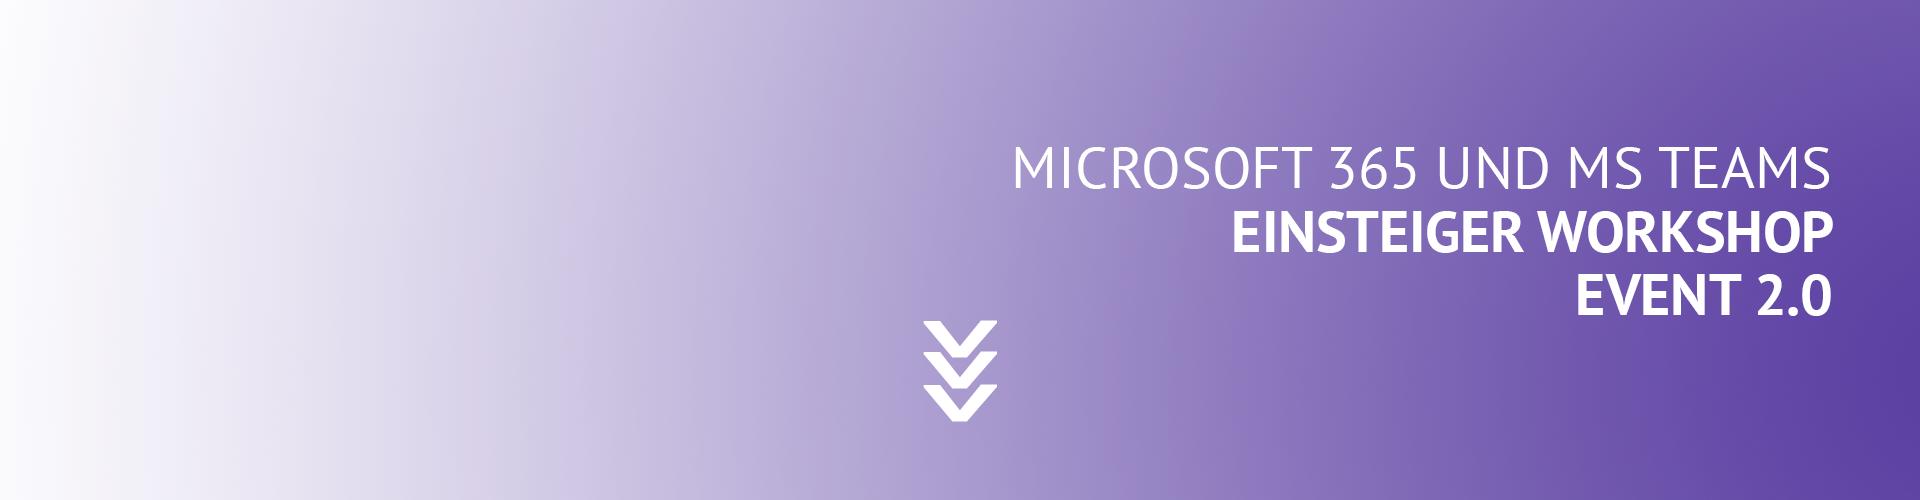 Microsoft 365 und MS Teams für Einsteiger Workshop